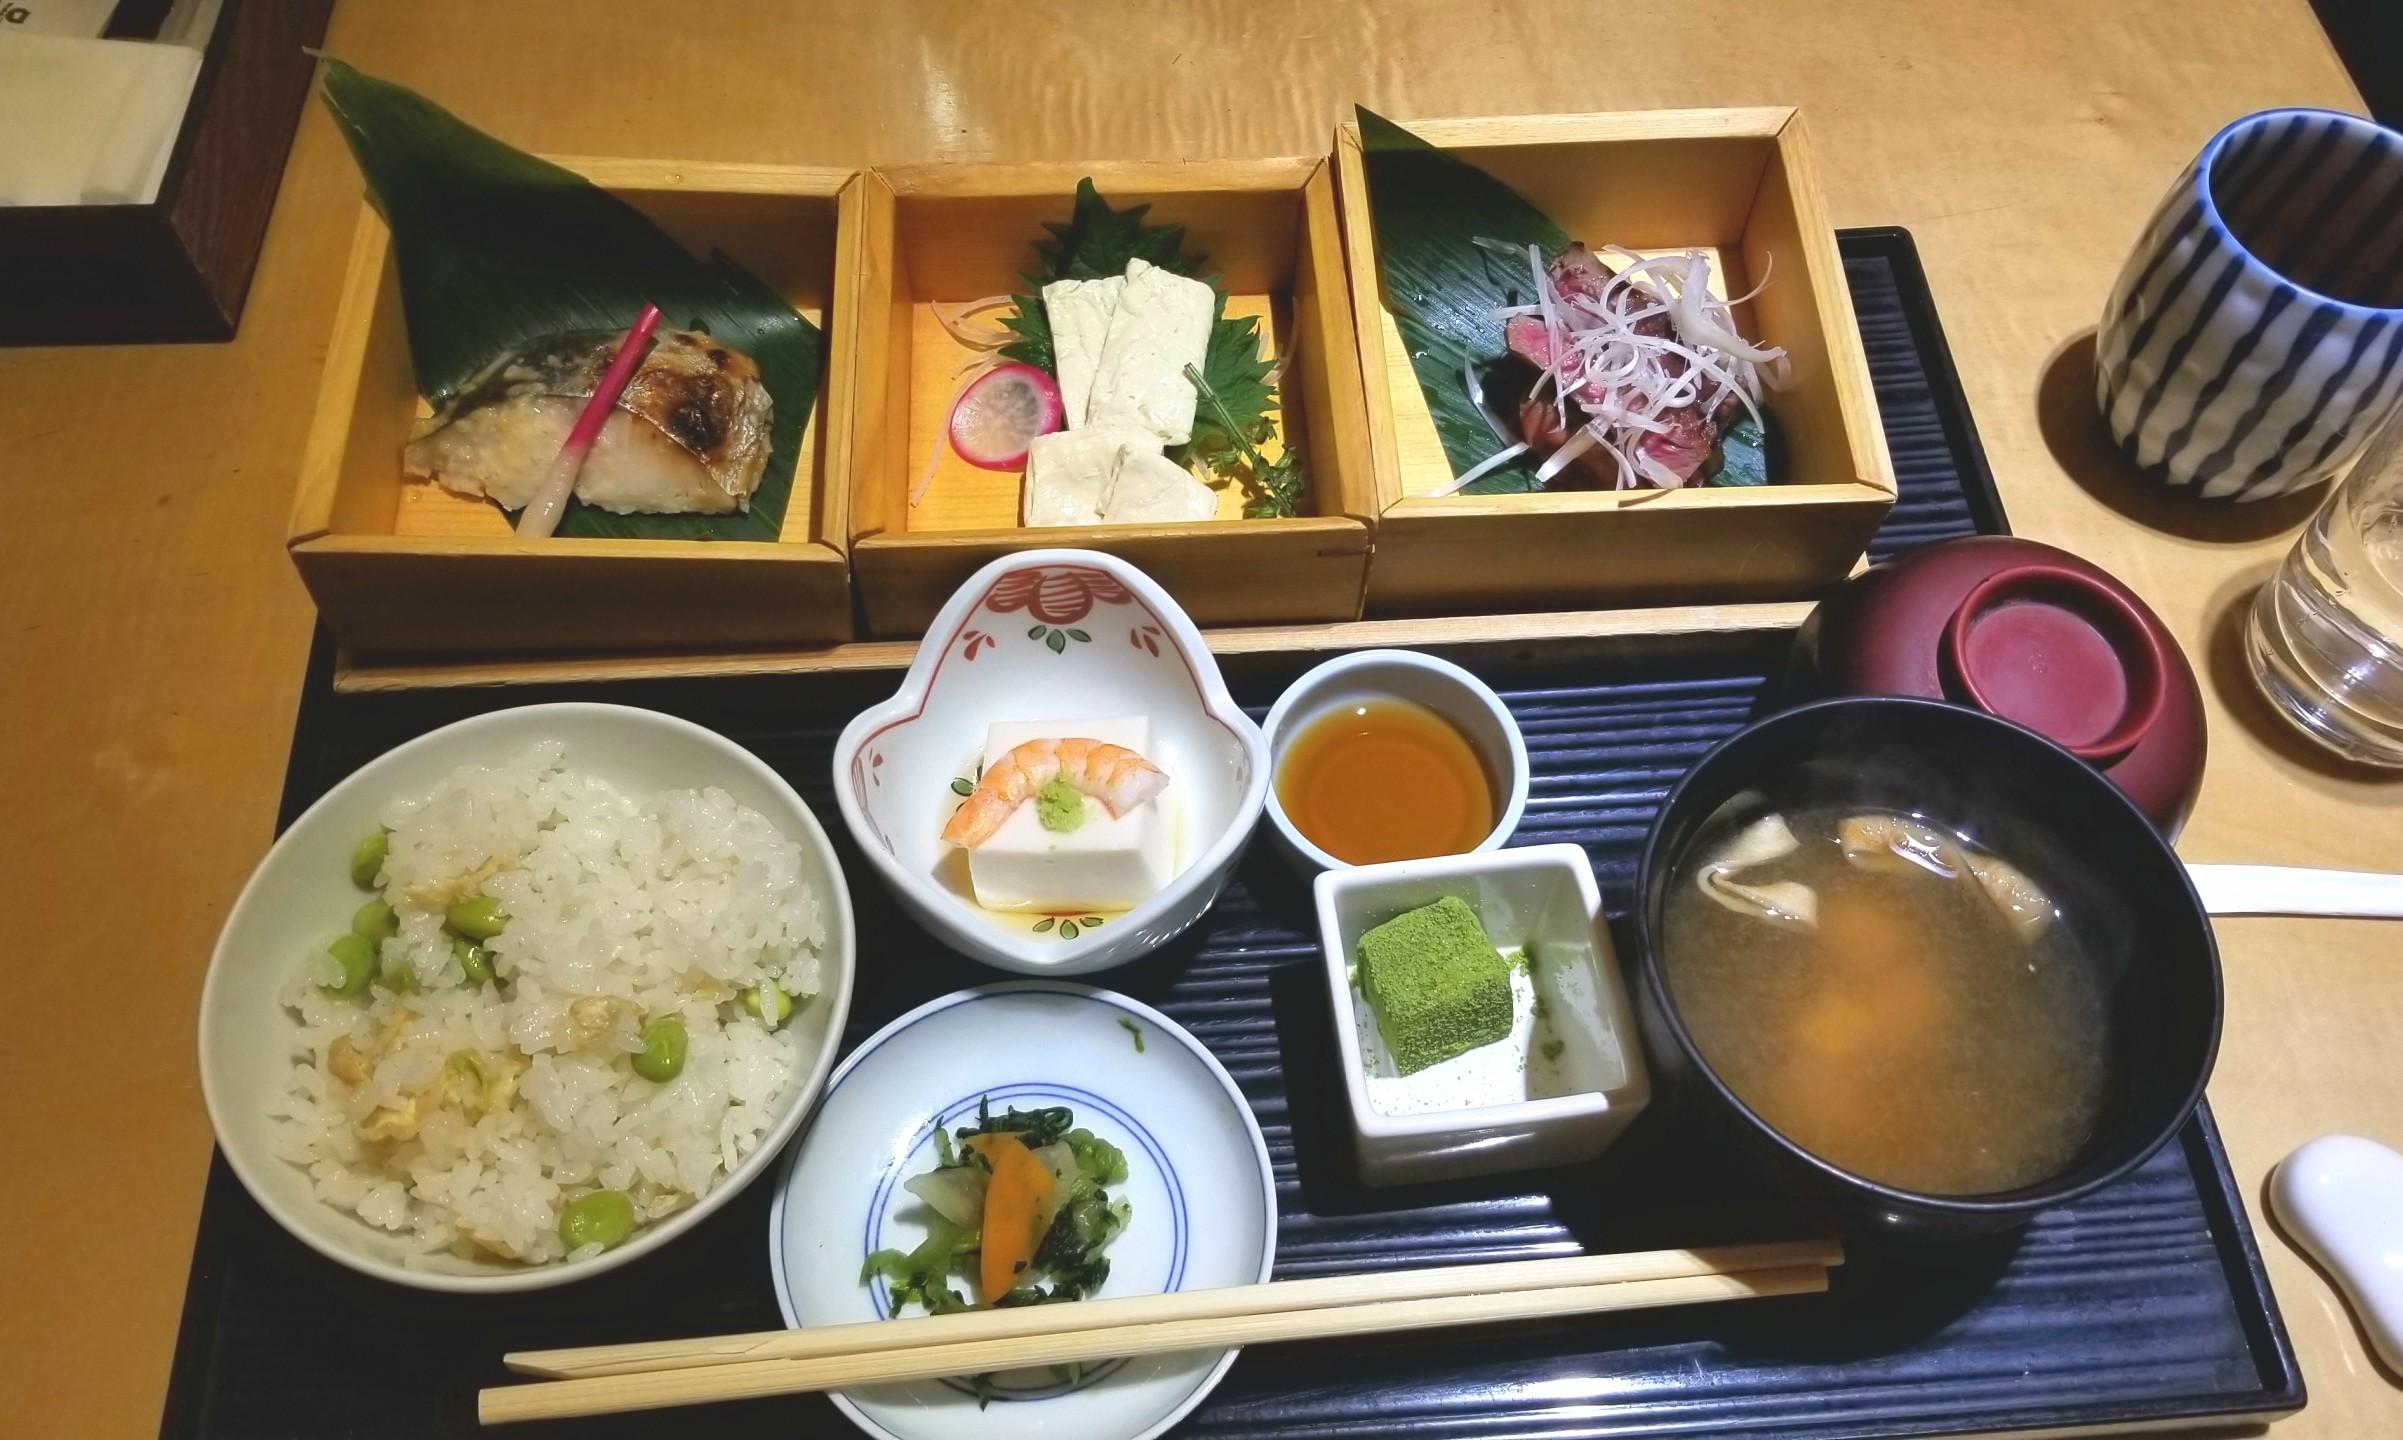 東京, 銀座, 京王百貨店, ランチ, 観光旅行, 昼ご飯